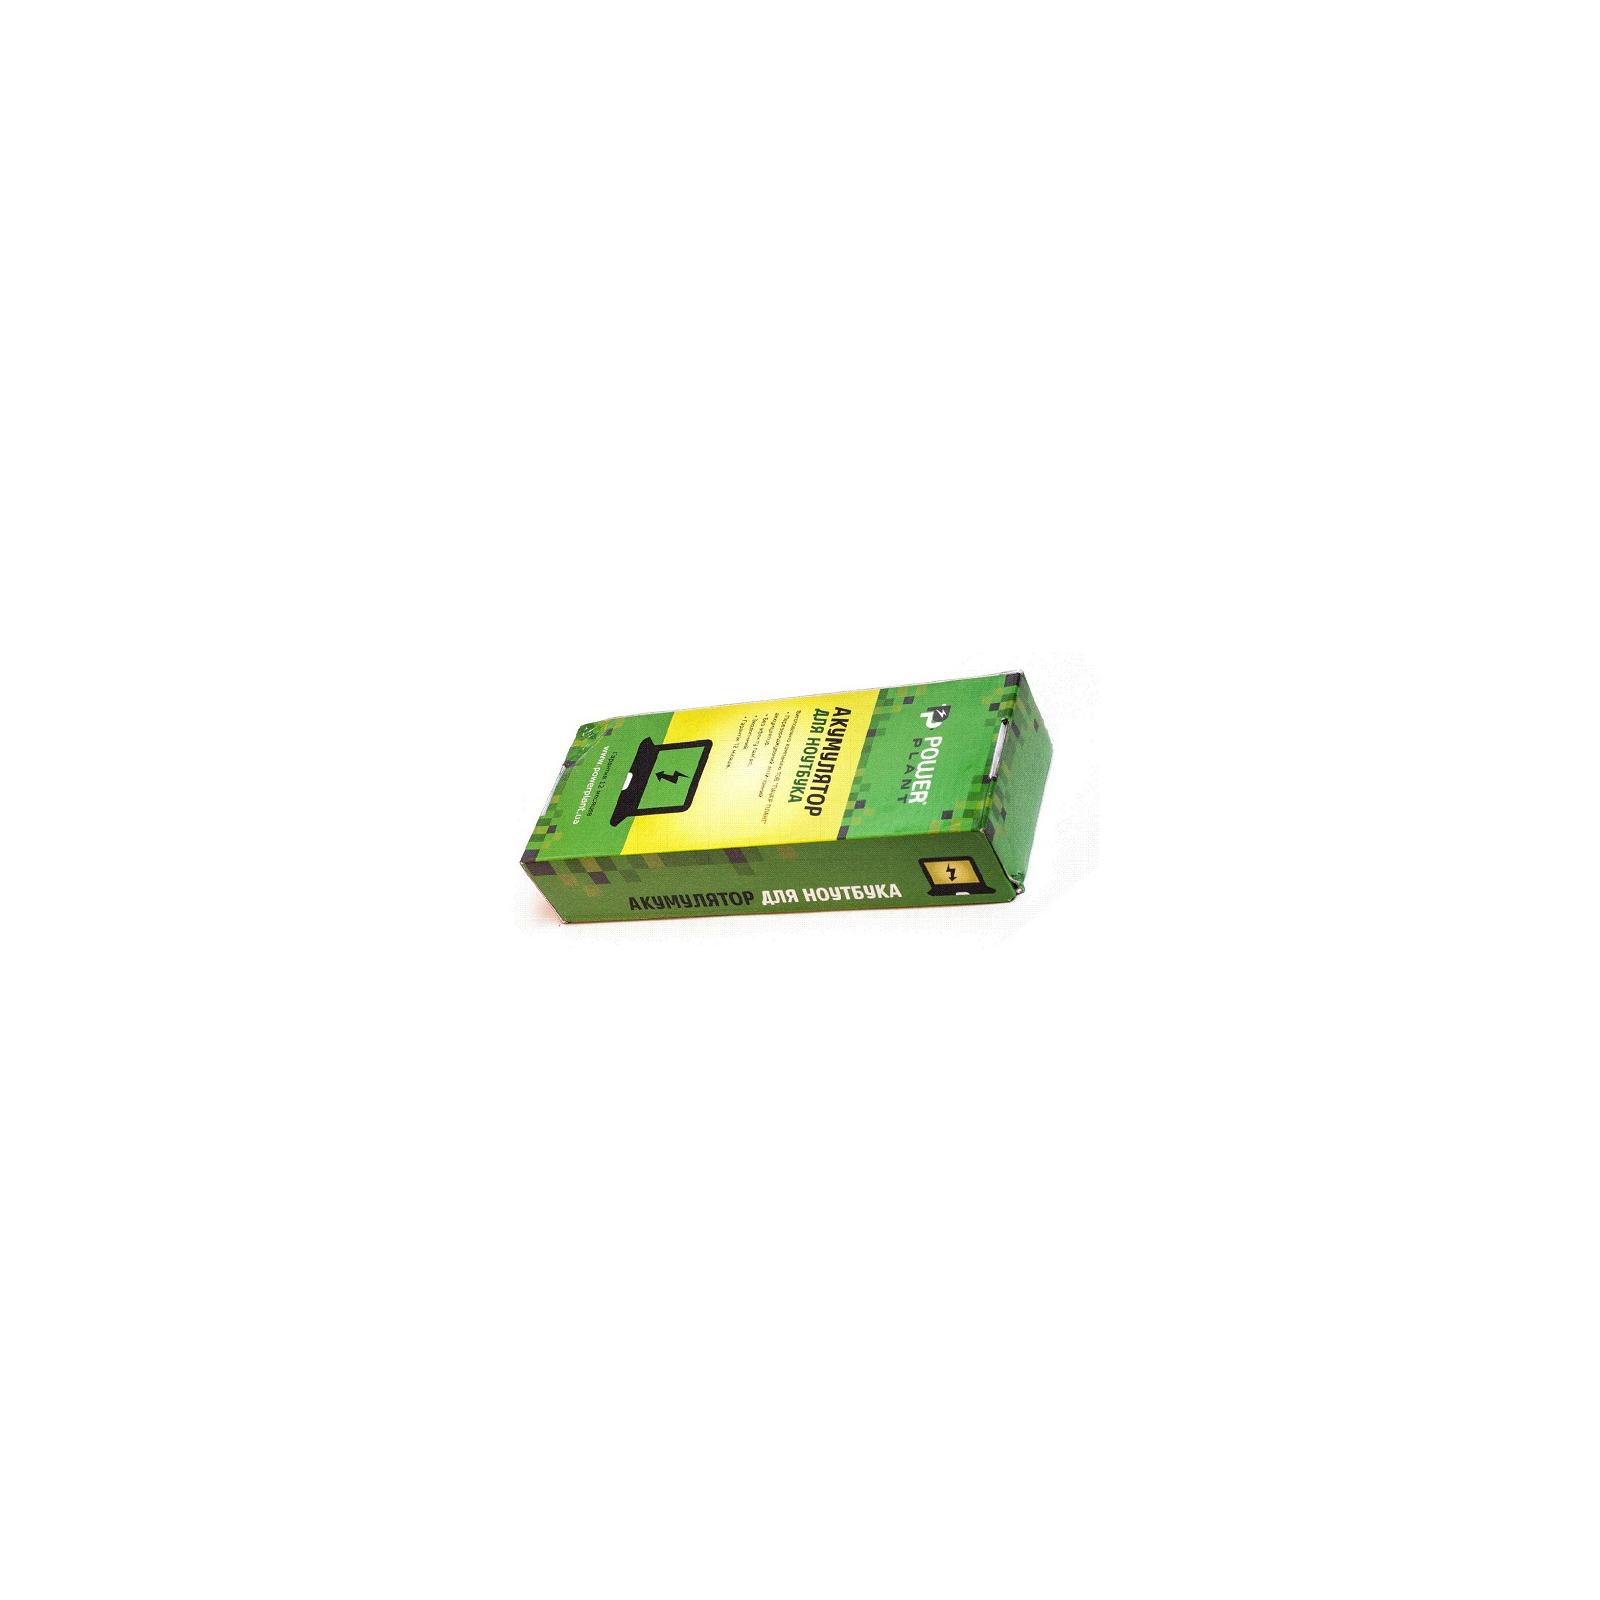 Аккумулятор для ноутбука Asus A9T (SQU-528, BQU528LH) 10.8V 4400mAh PowerPlant (NB00000189) изображение 3